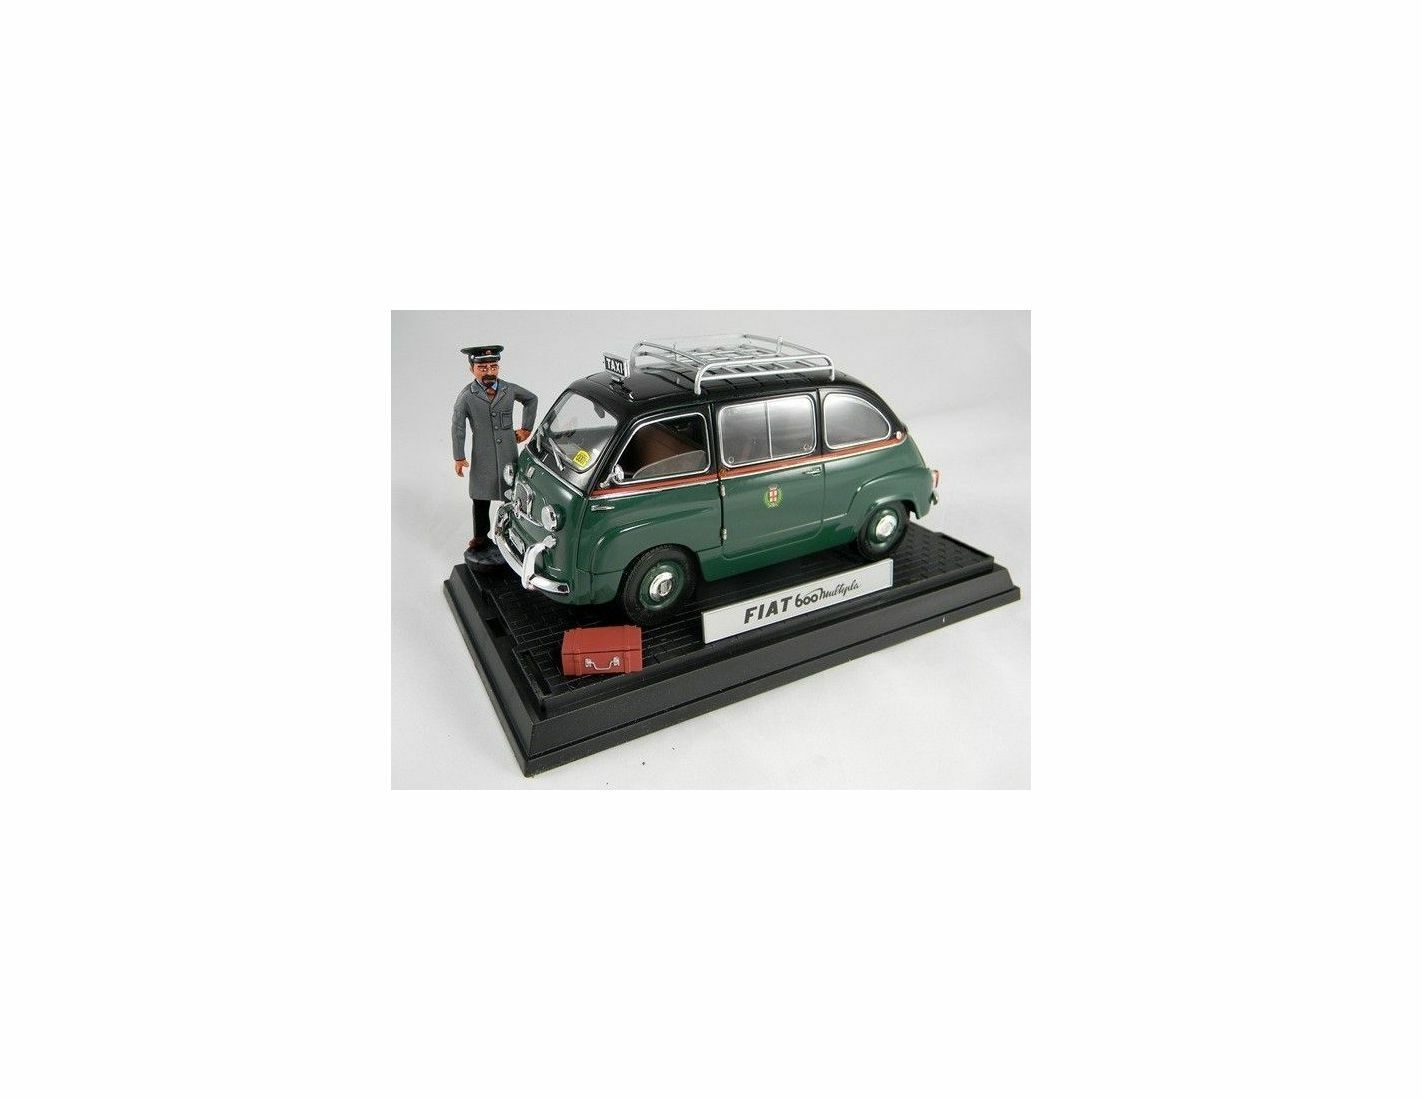 Miniminiera T74302 FIAT 600 MULTIPLA TAXI MILANO 1 18 Modellino